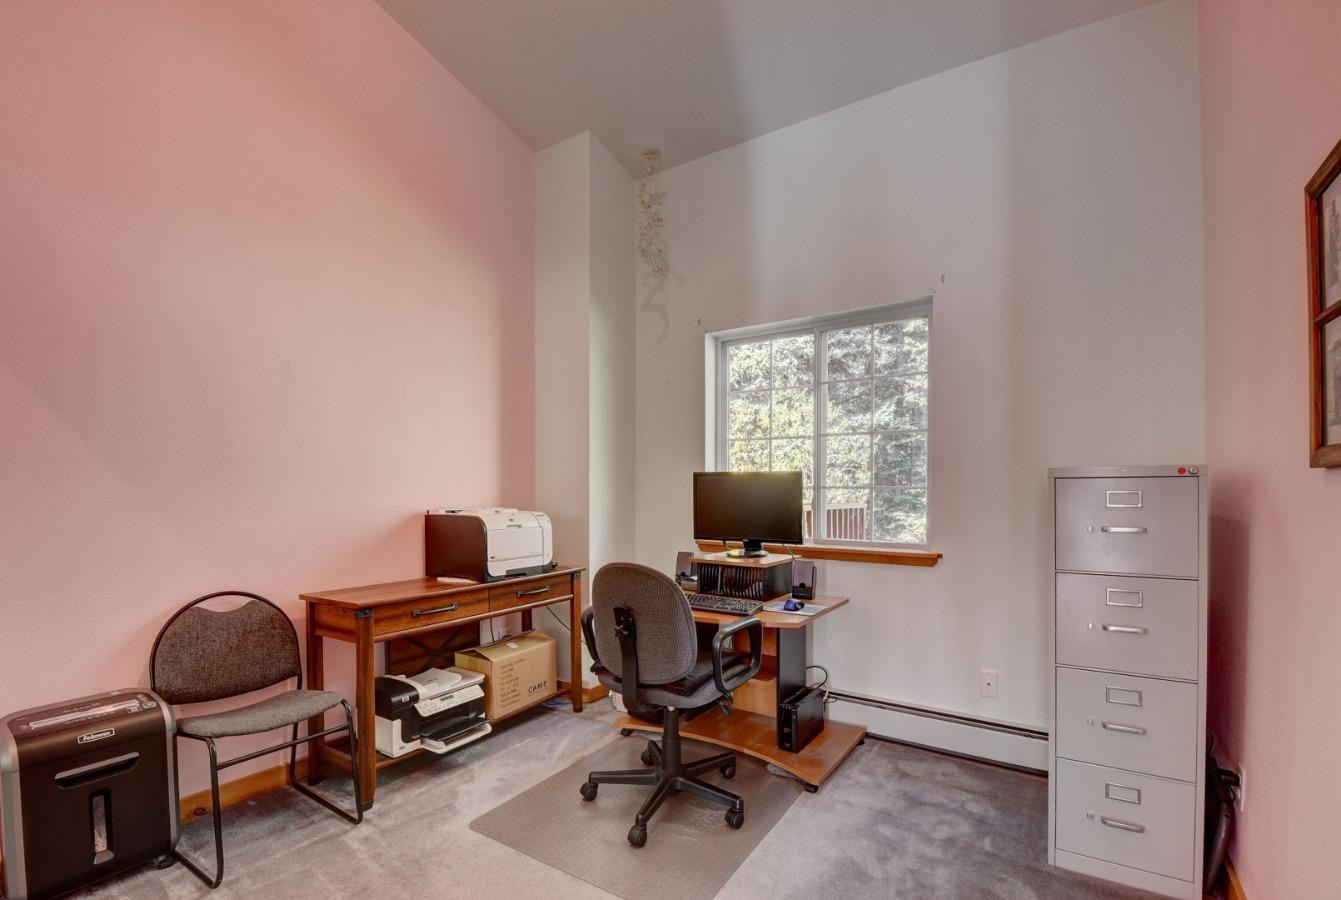 Bedroom 2 / Office